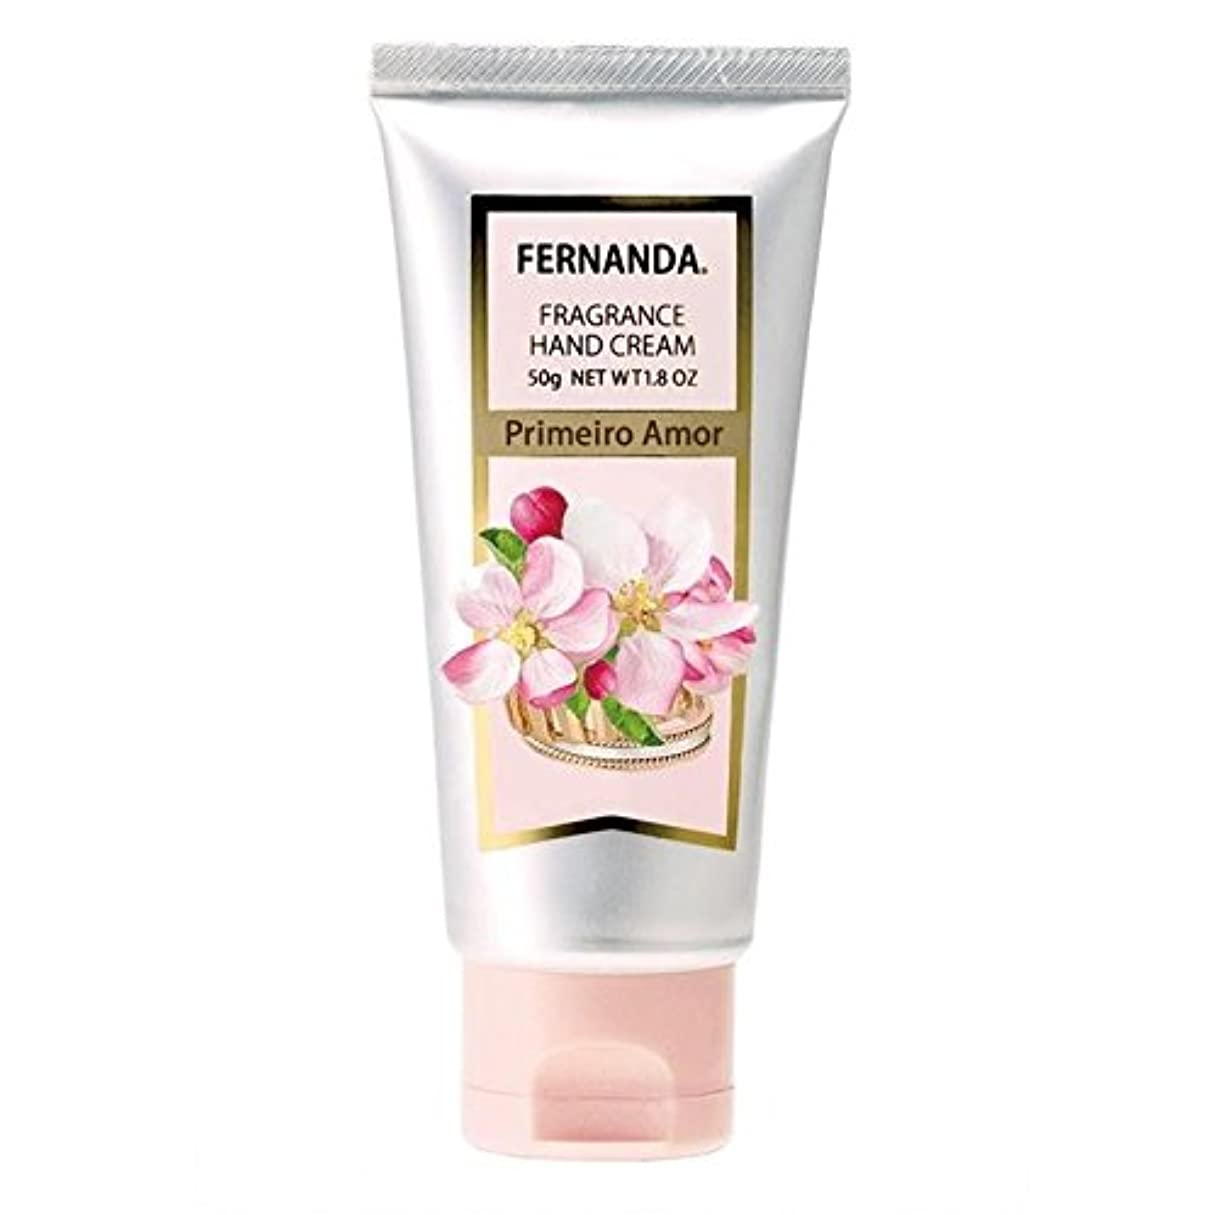 移行する年本FERNANDA(フェルナンダ) Hand Cream Primeiro Amor(ハンドクリーム プリメイロアモール)